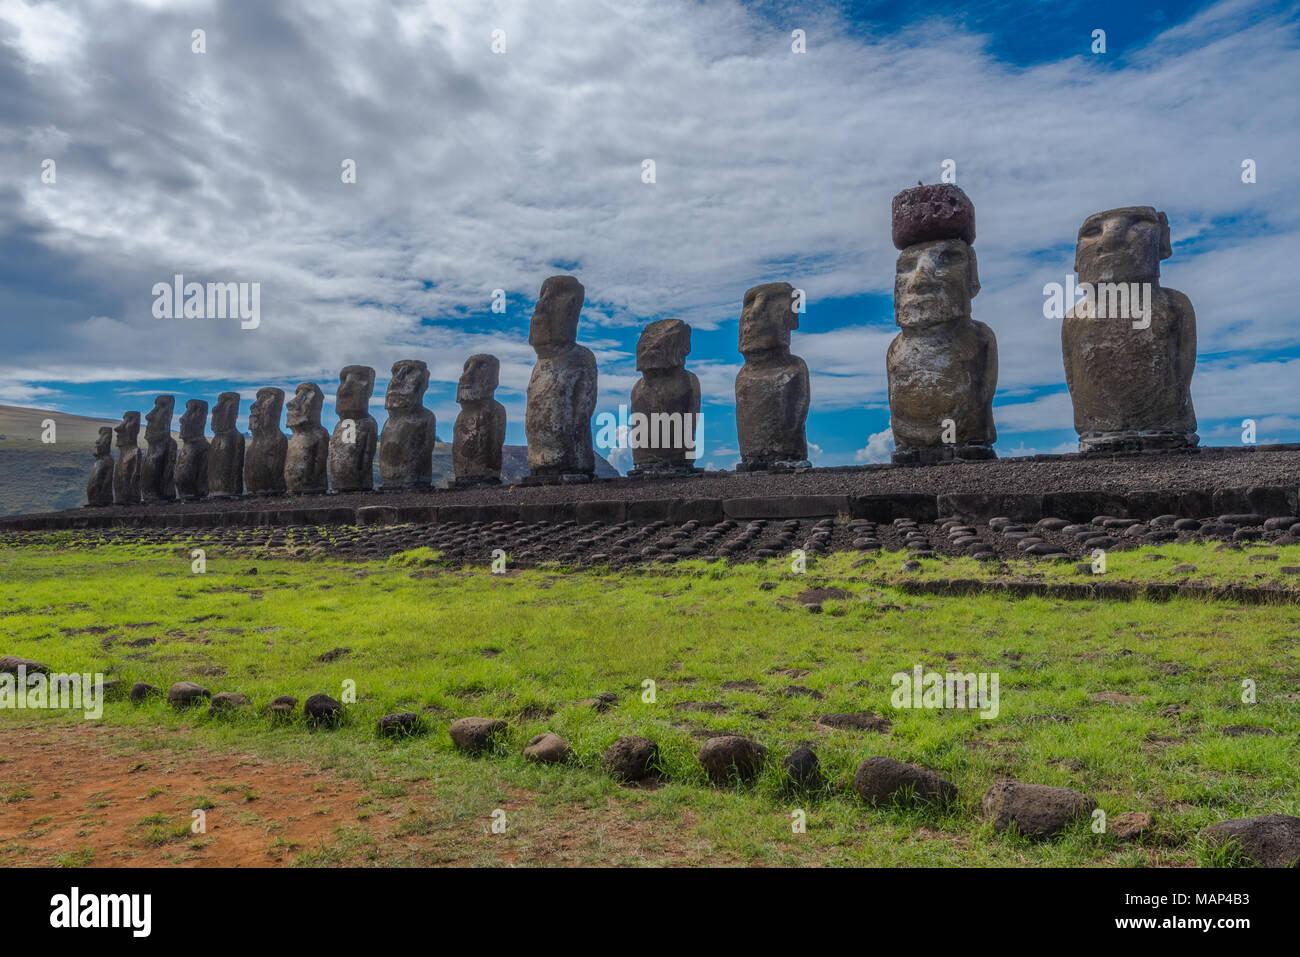 Wide Angle Shot von 15 Moai Statuen nach innen über Ostern Insel an Tongariki mit einem dramatischen Weiße Wolke und blauer Himmel. Stockbild